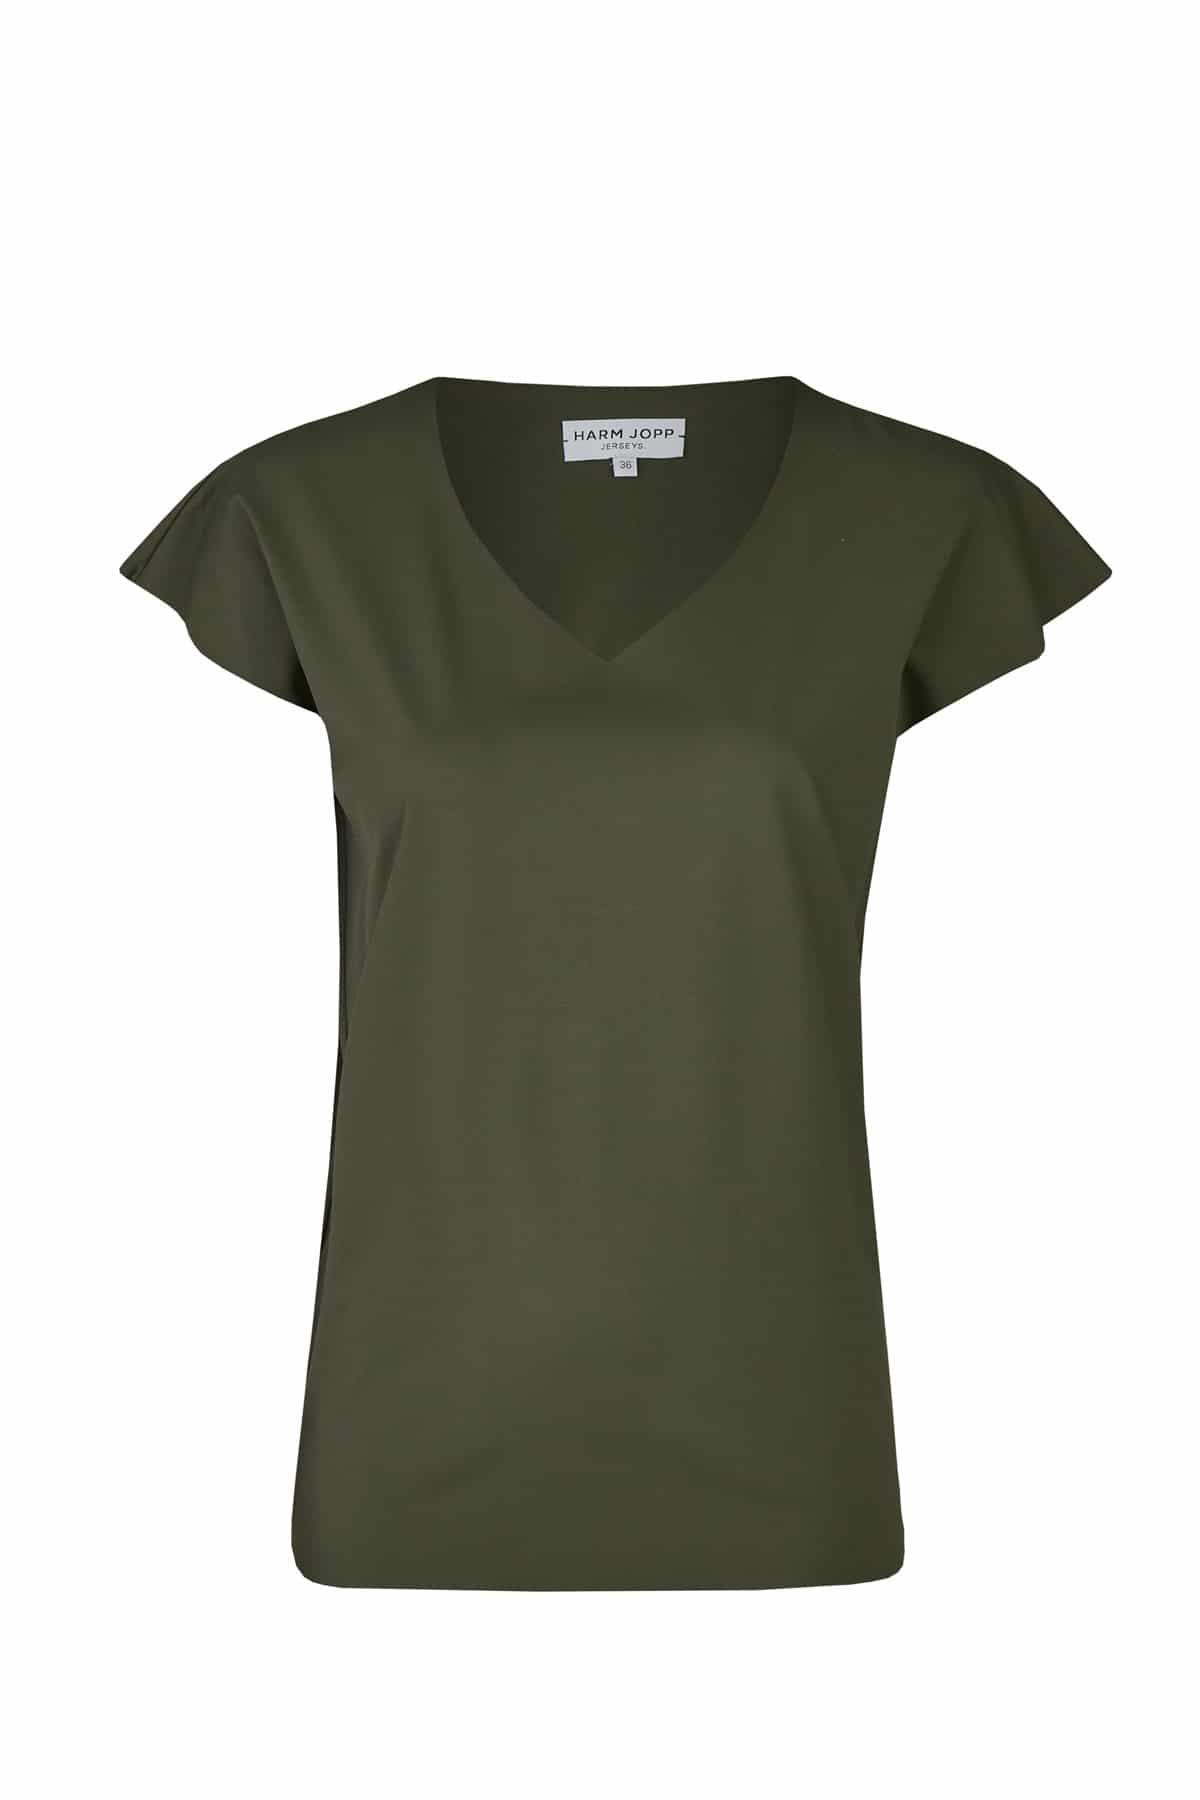 Shirt Nini wonder kakhi VT